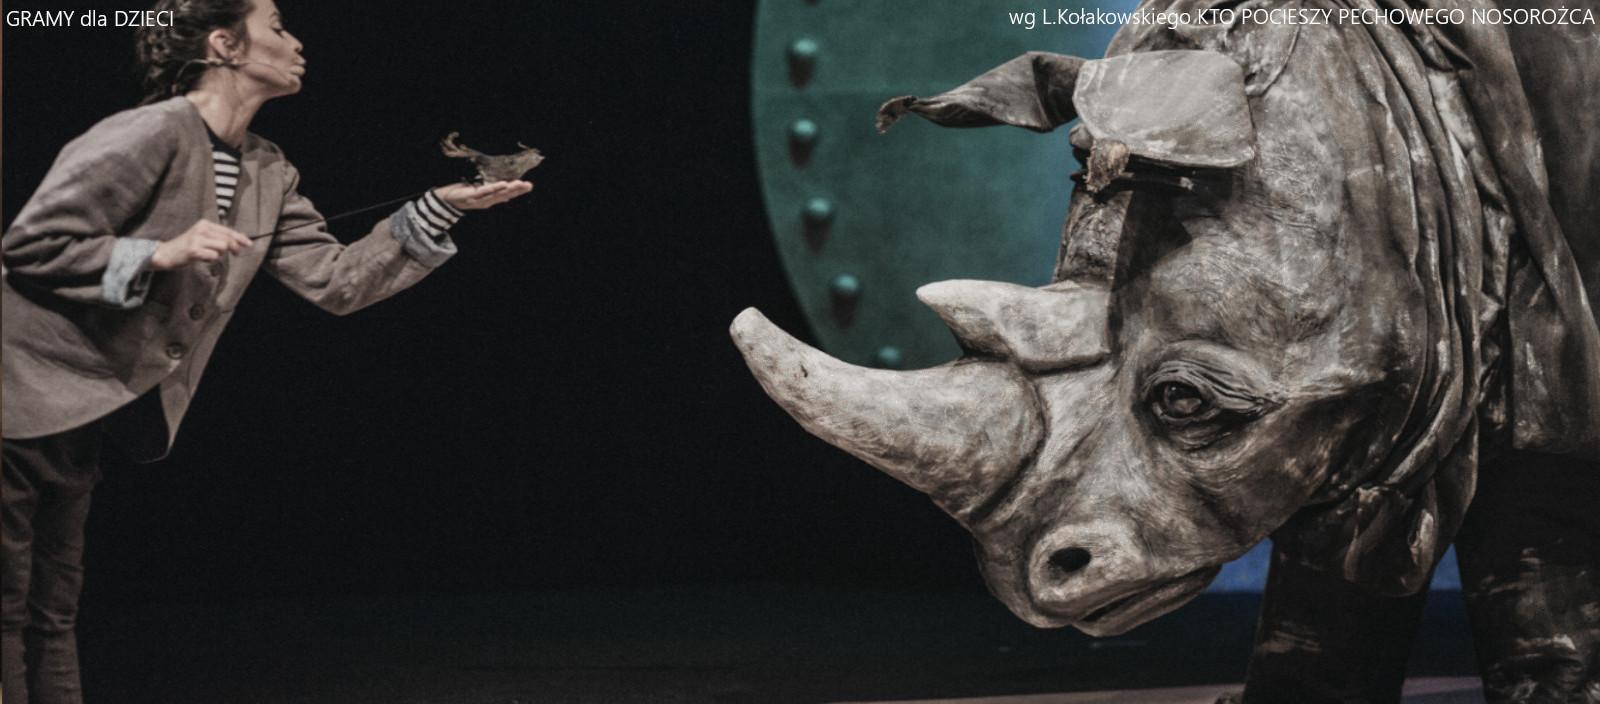 Kto pocieszy pechowego nosorożca